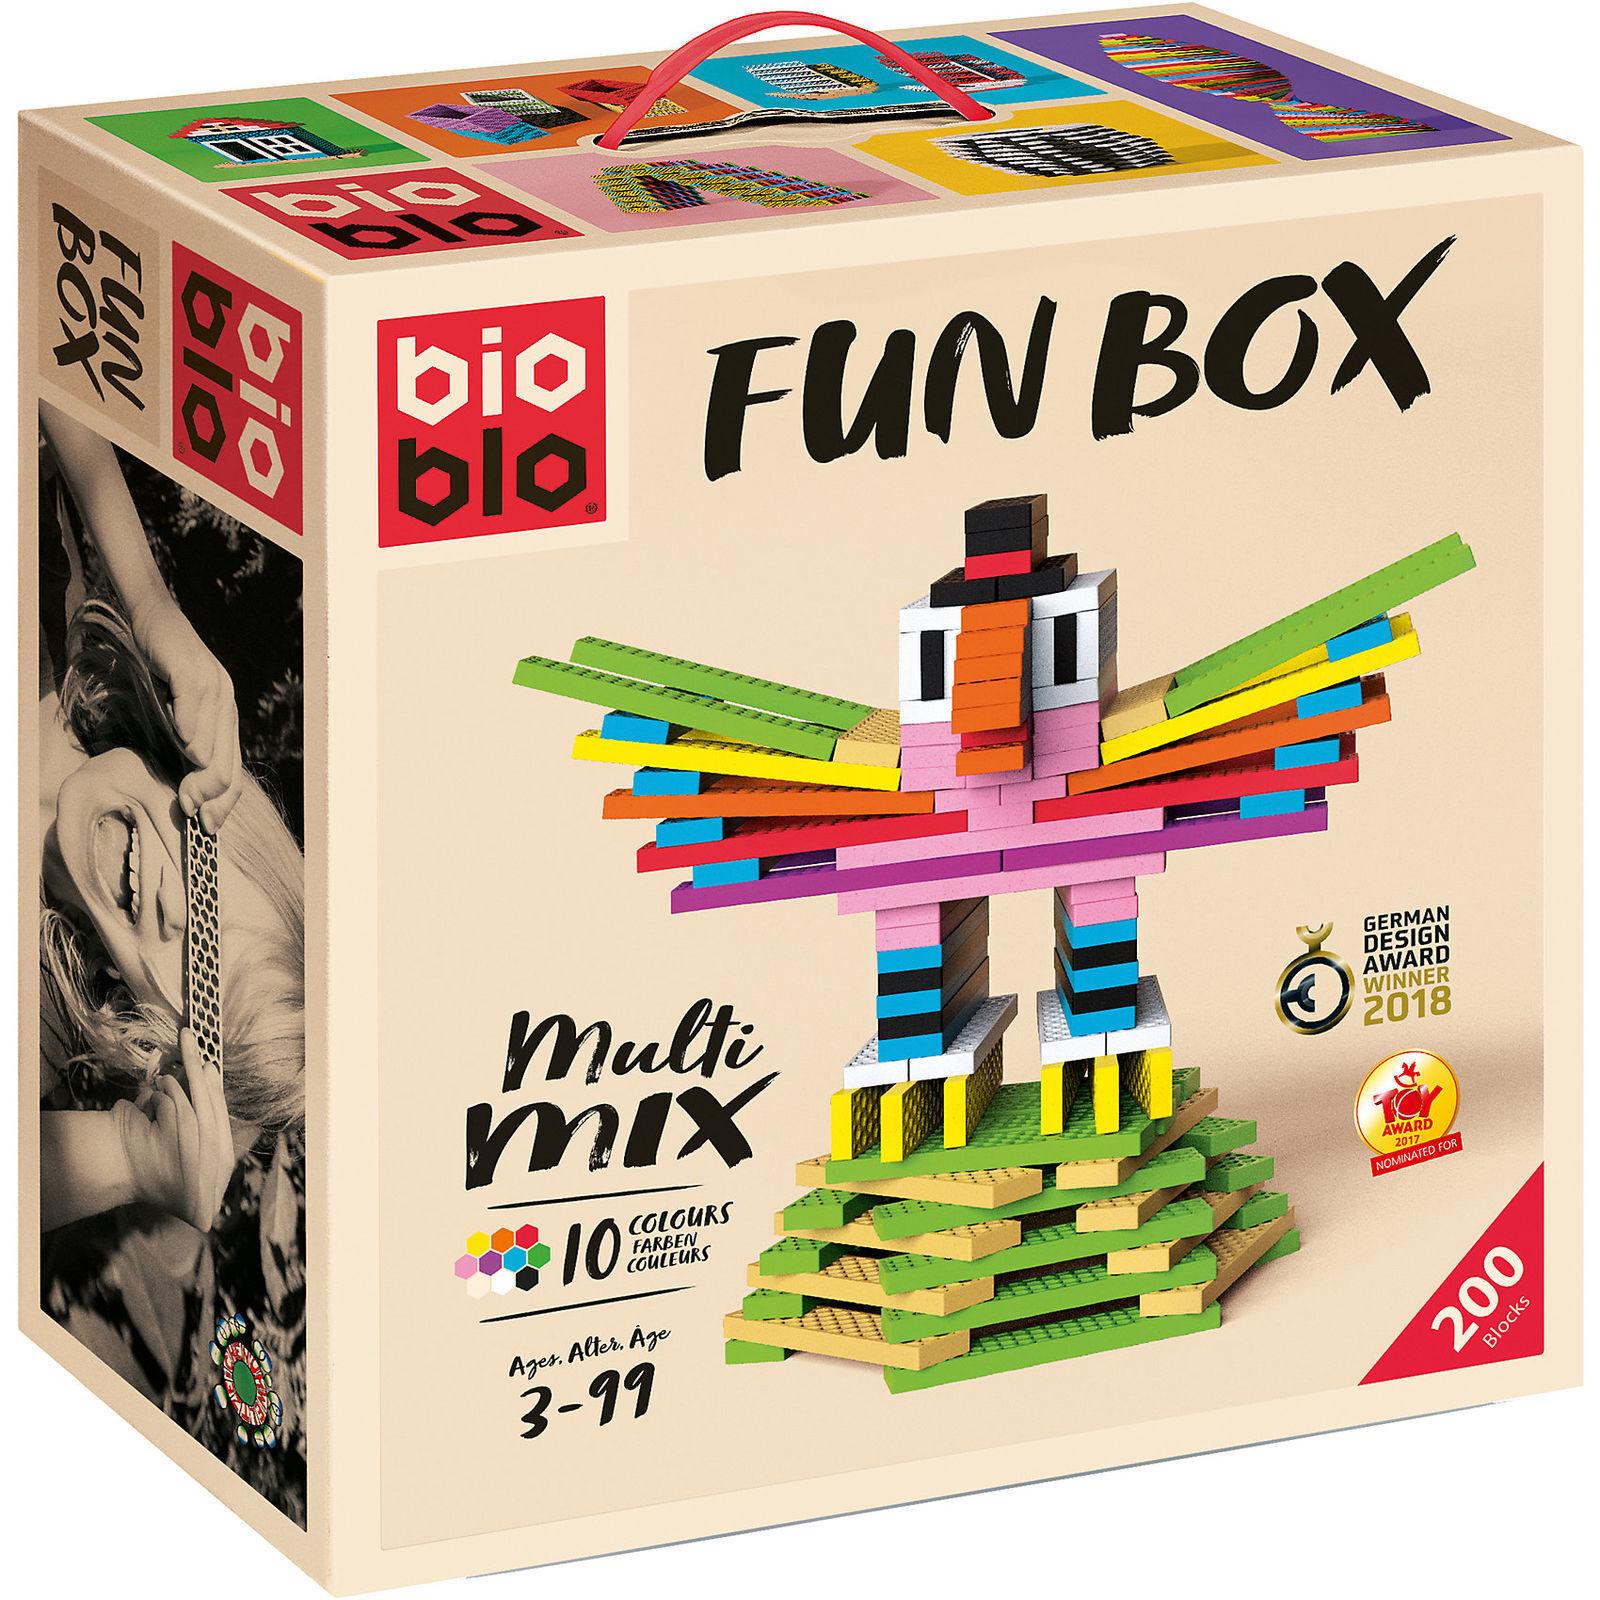 BIOBLO FUN BOX MULTI MIX - 200 BIO BLO  STEINE SPIEL - PIATNIK 64024   NEU OVP